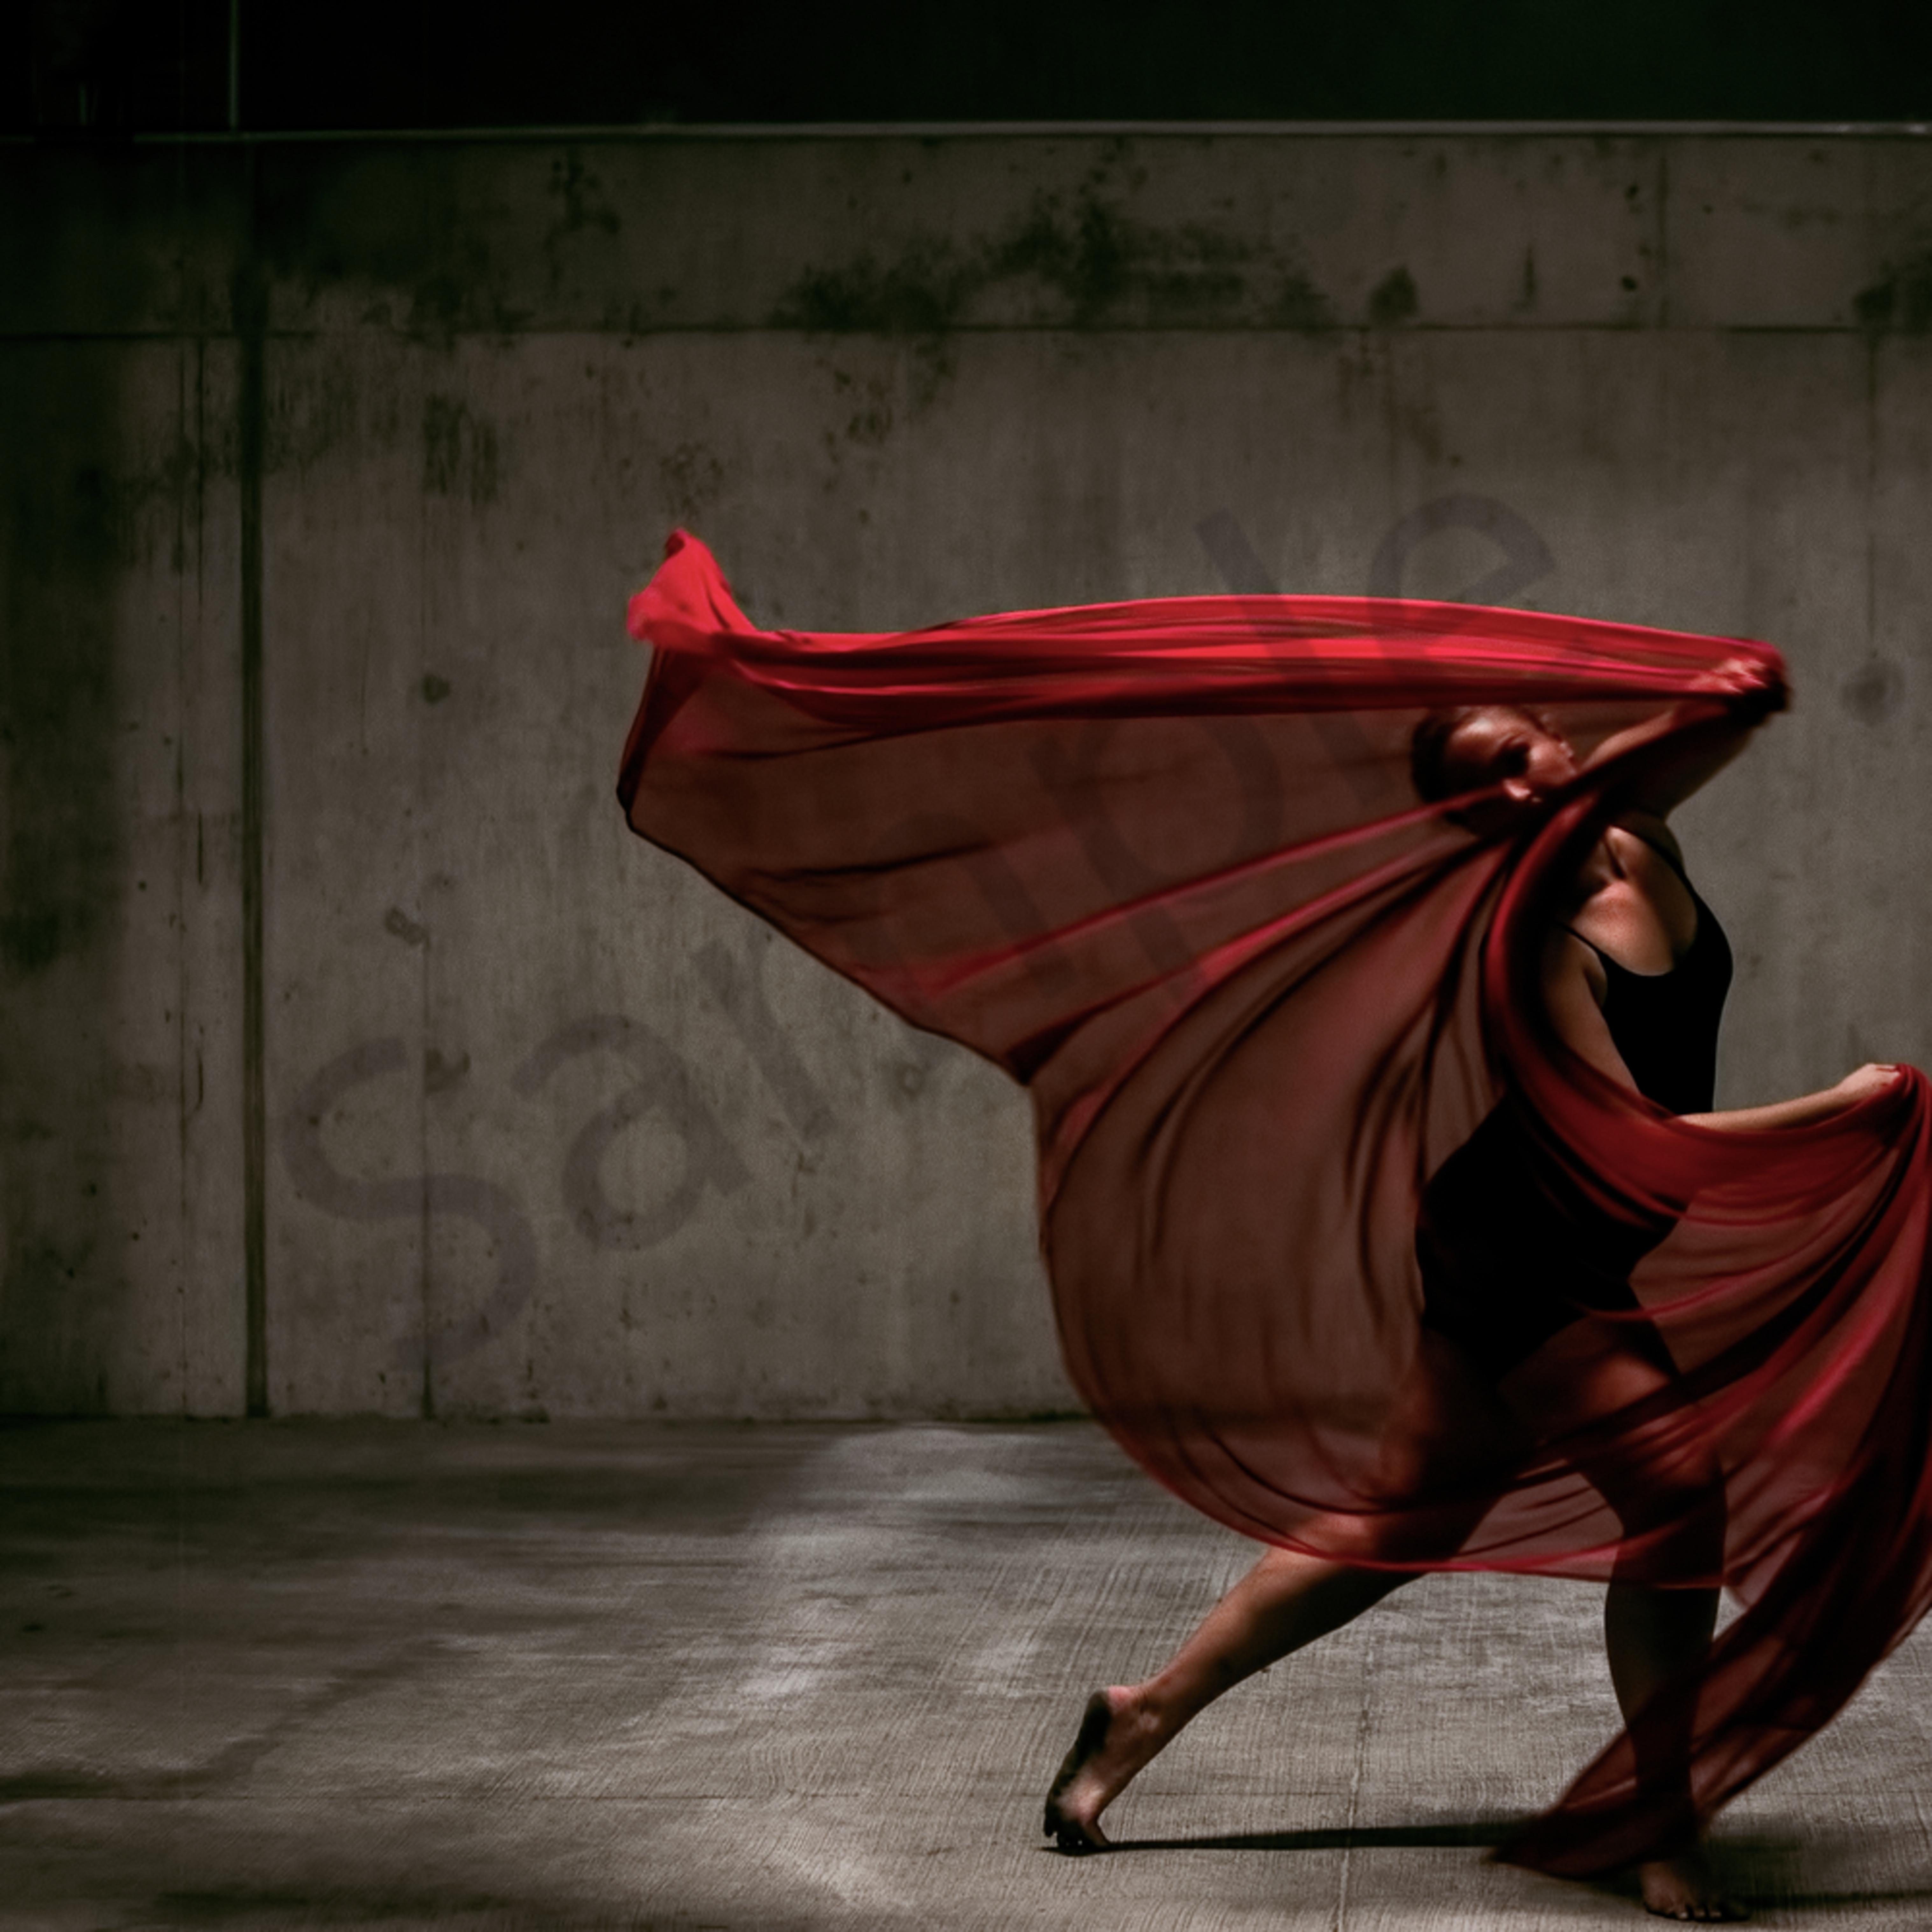 Behind the veil by harold vincent npqdl1